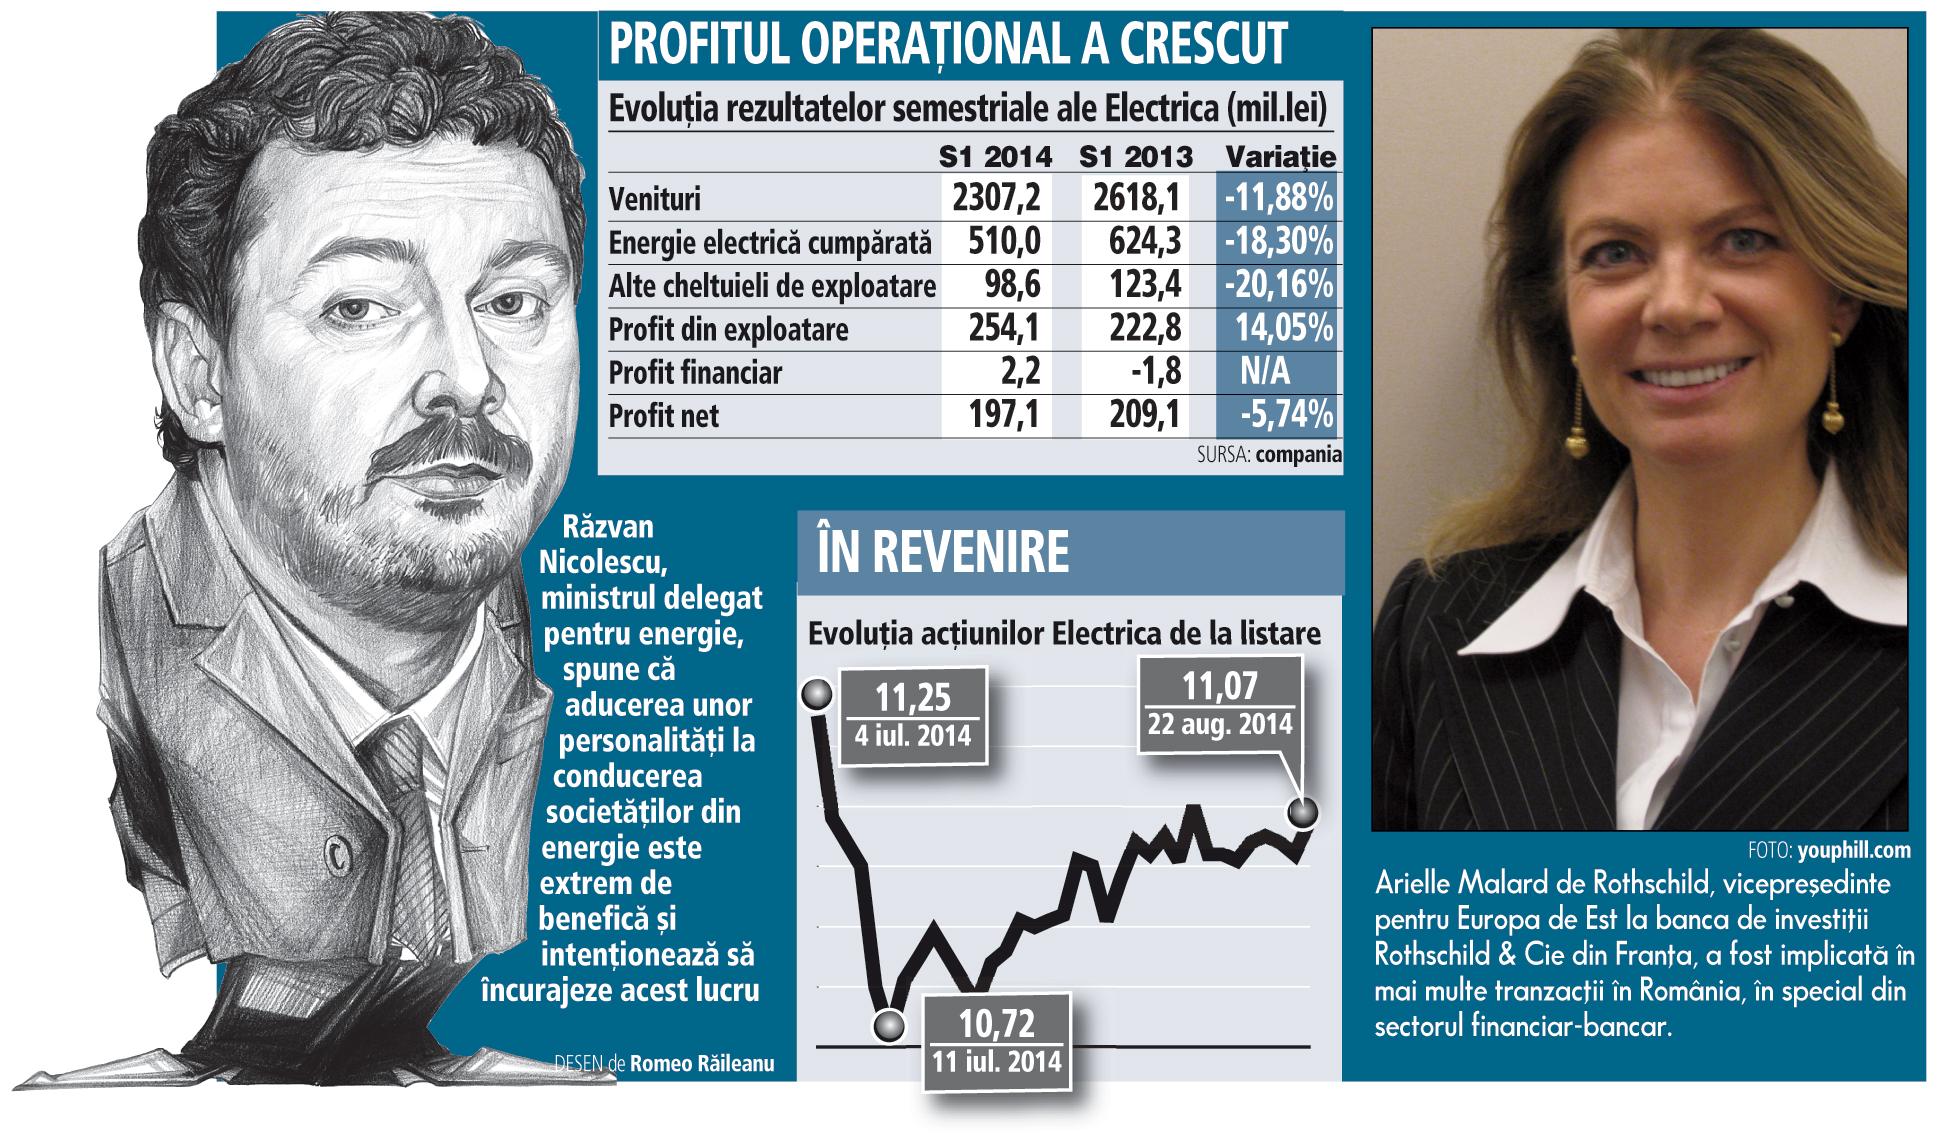 Miza din spatele noii conduceri de la Electrica: tranzacţia cu Enel şi reprezentarea BERD şi a fondurilor de pensii private